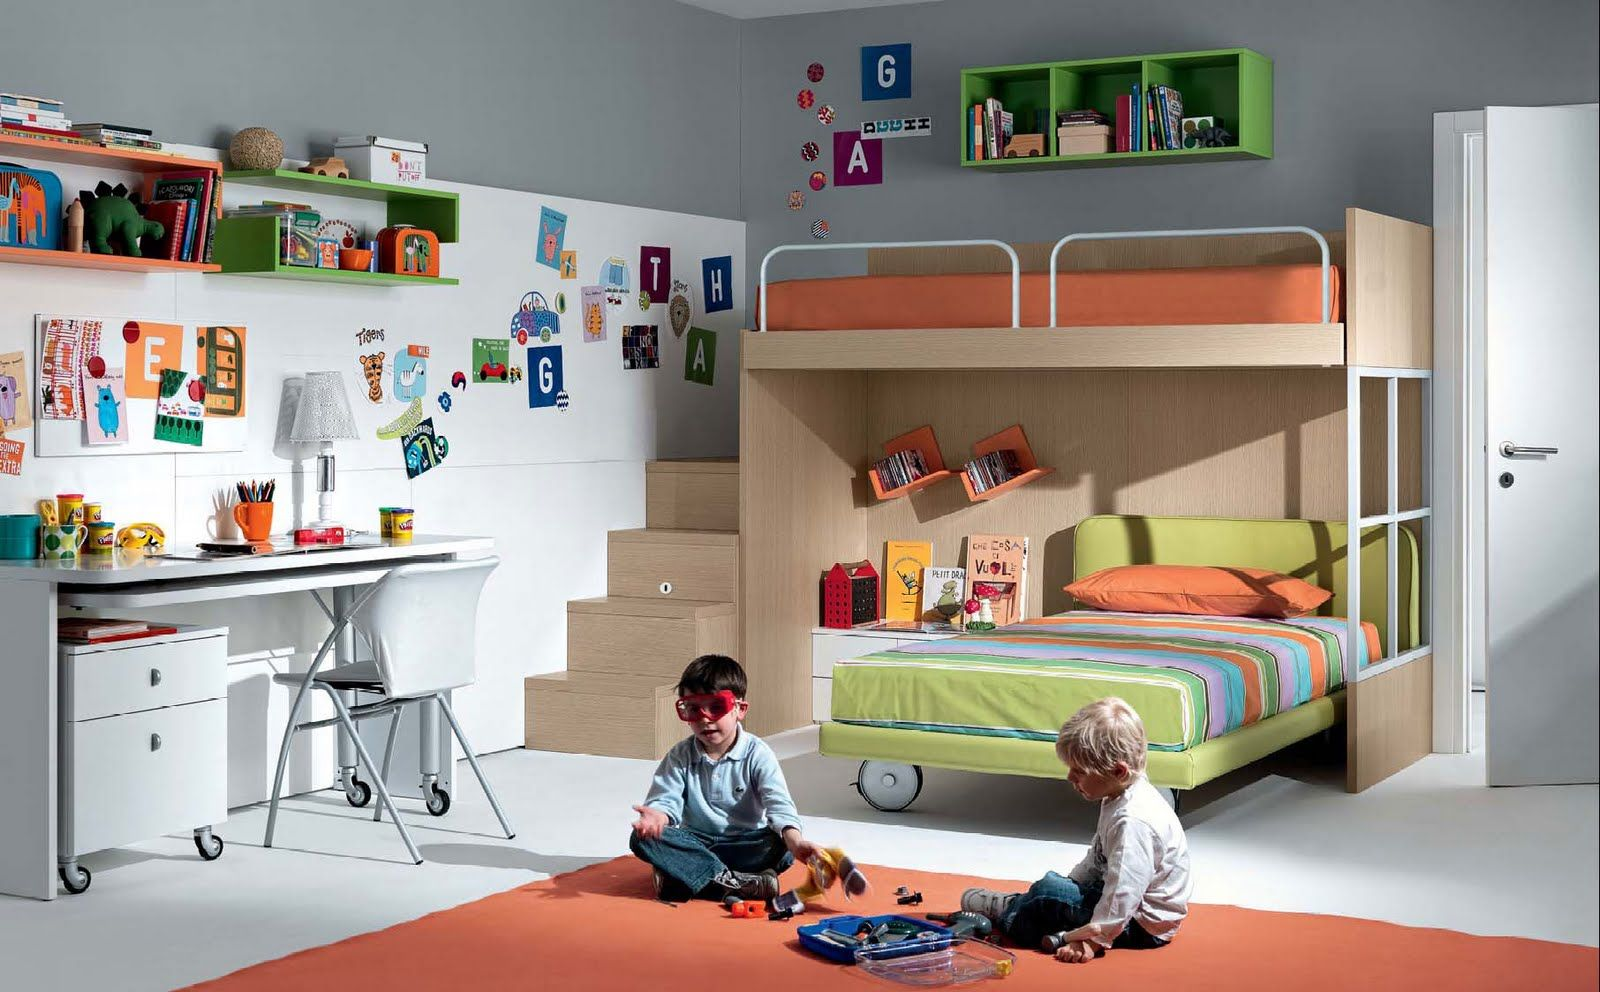 Comprar ofertas platos de ducha muebles sofas spain - Decoracion para habitaciones infantiles ...